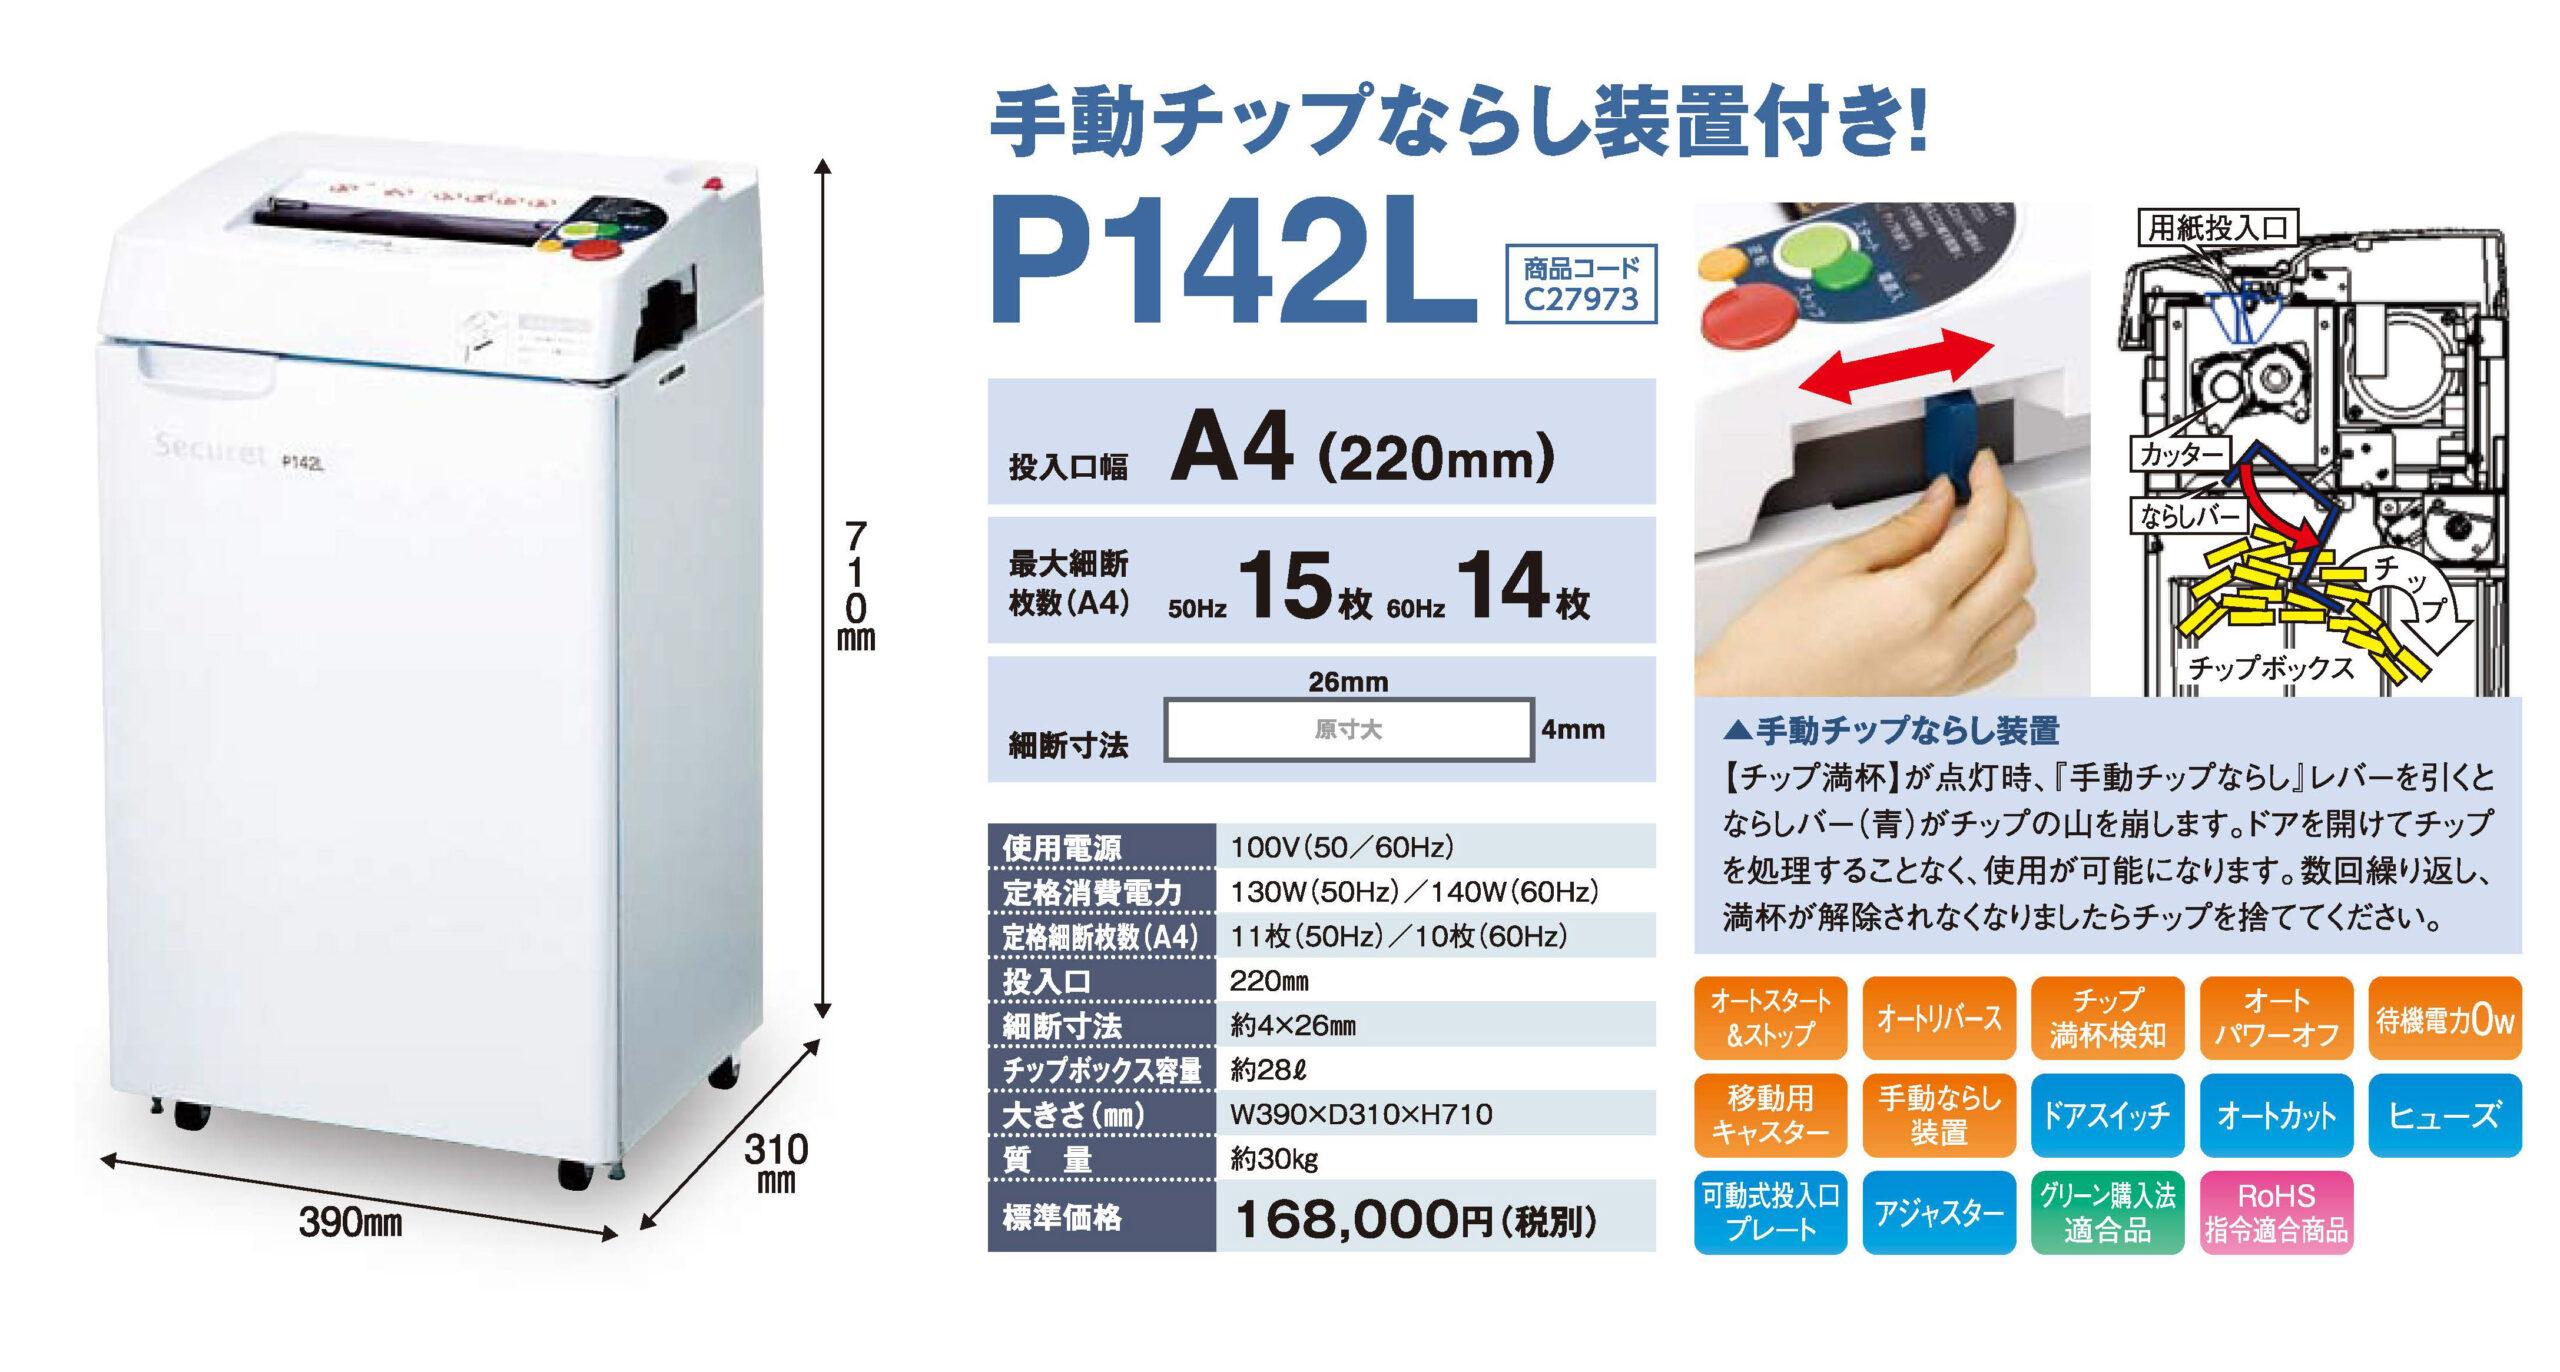 石澤製作所 セキュレットシュレッダP142L